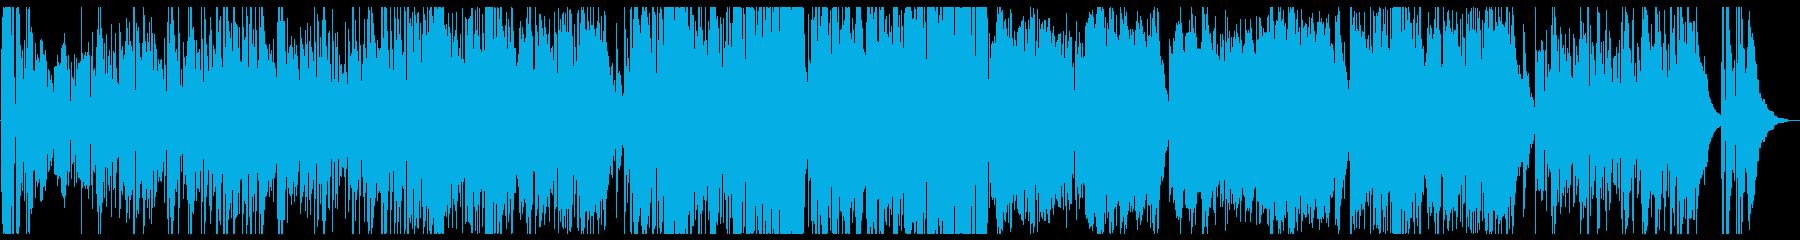 ラテン ジャズ タンゴ サンバ ア...の再生済みの波形